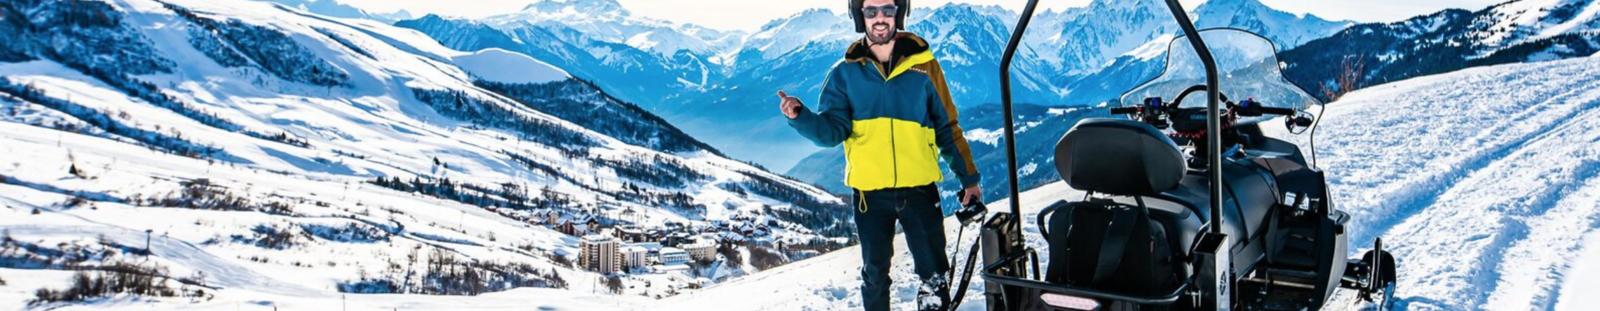 Skigebied Valmorel